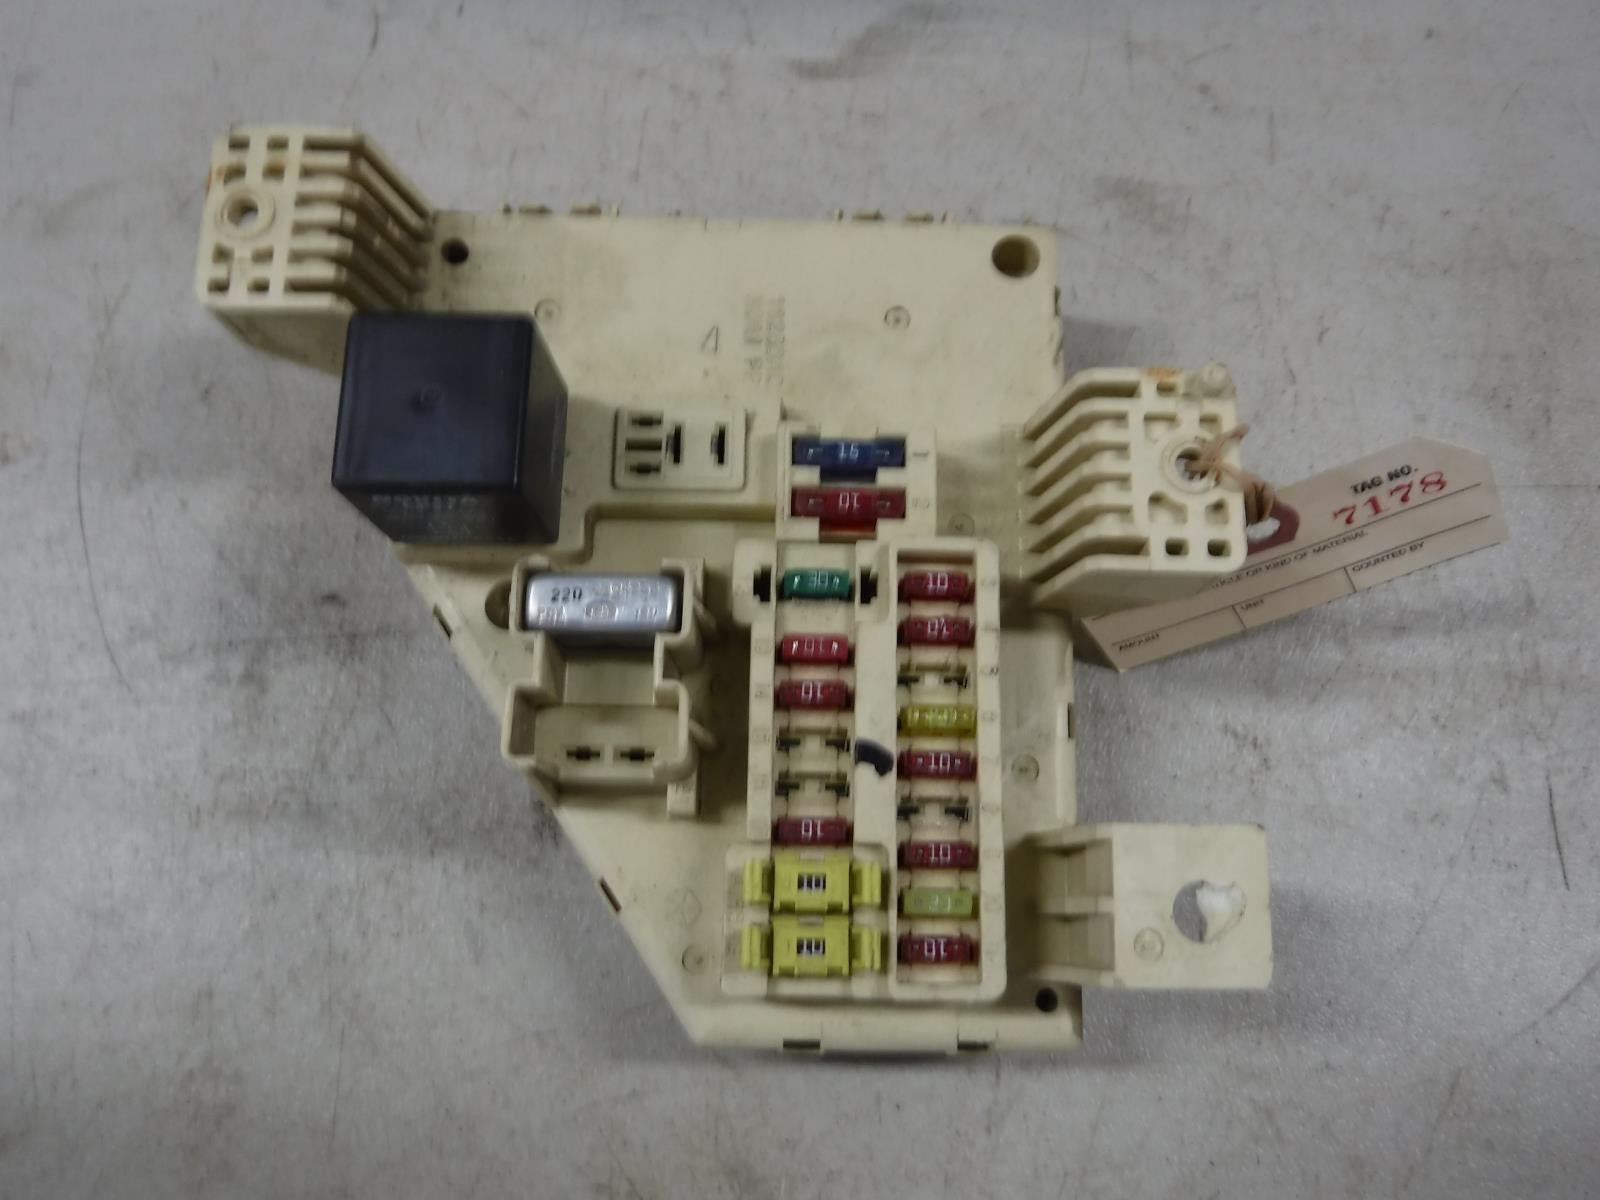 [SCHEMATICS_4CA]  1998 - 2002 DODGE RAM 2500 5.9 DIESEL INTERIOR FUSE BOX SLT 16238ACN0A1 PP  OEM | eBay | Fuse Box Dodge Ram 2500 |  | eBay